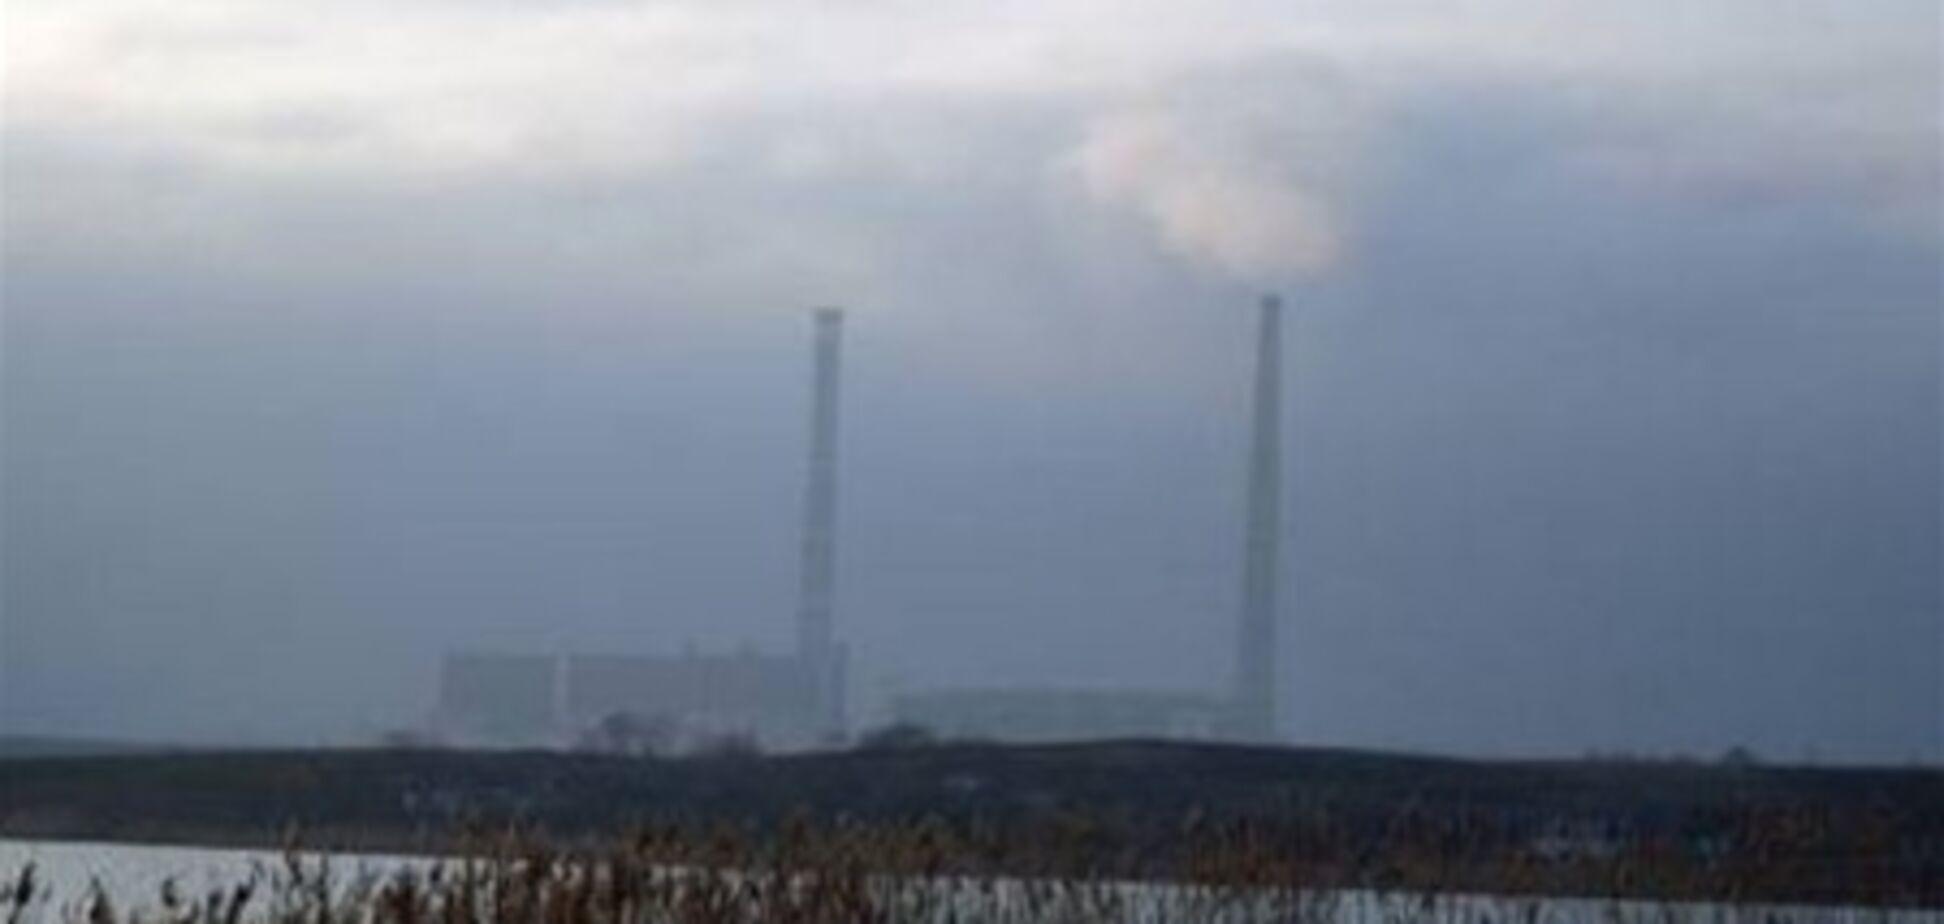 Пожар на Углегорской ТЭС локализован, угрозы экологии нет - губернатор